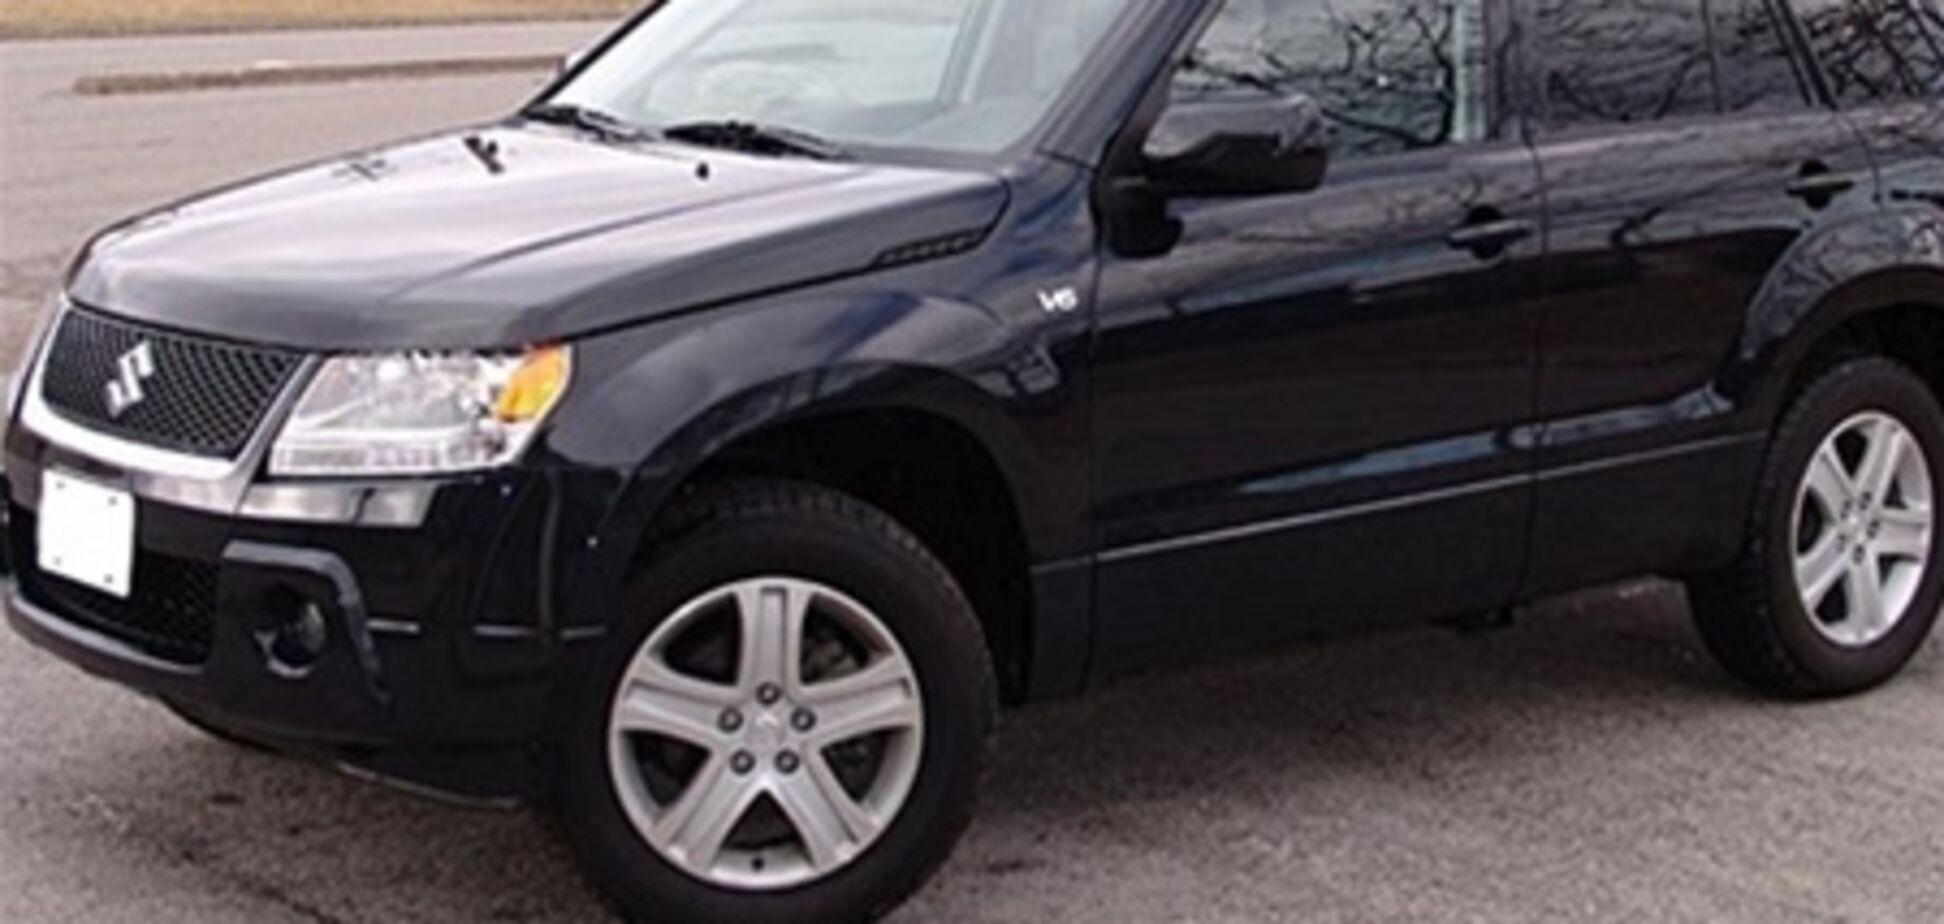 Инкассатор-убийца мог скрыться на черной Suzuki Grand Vitara